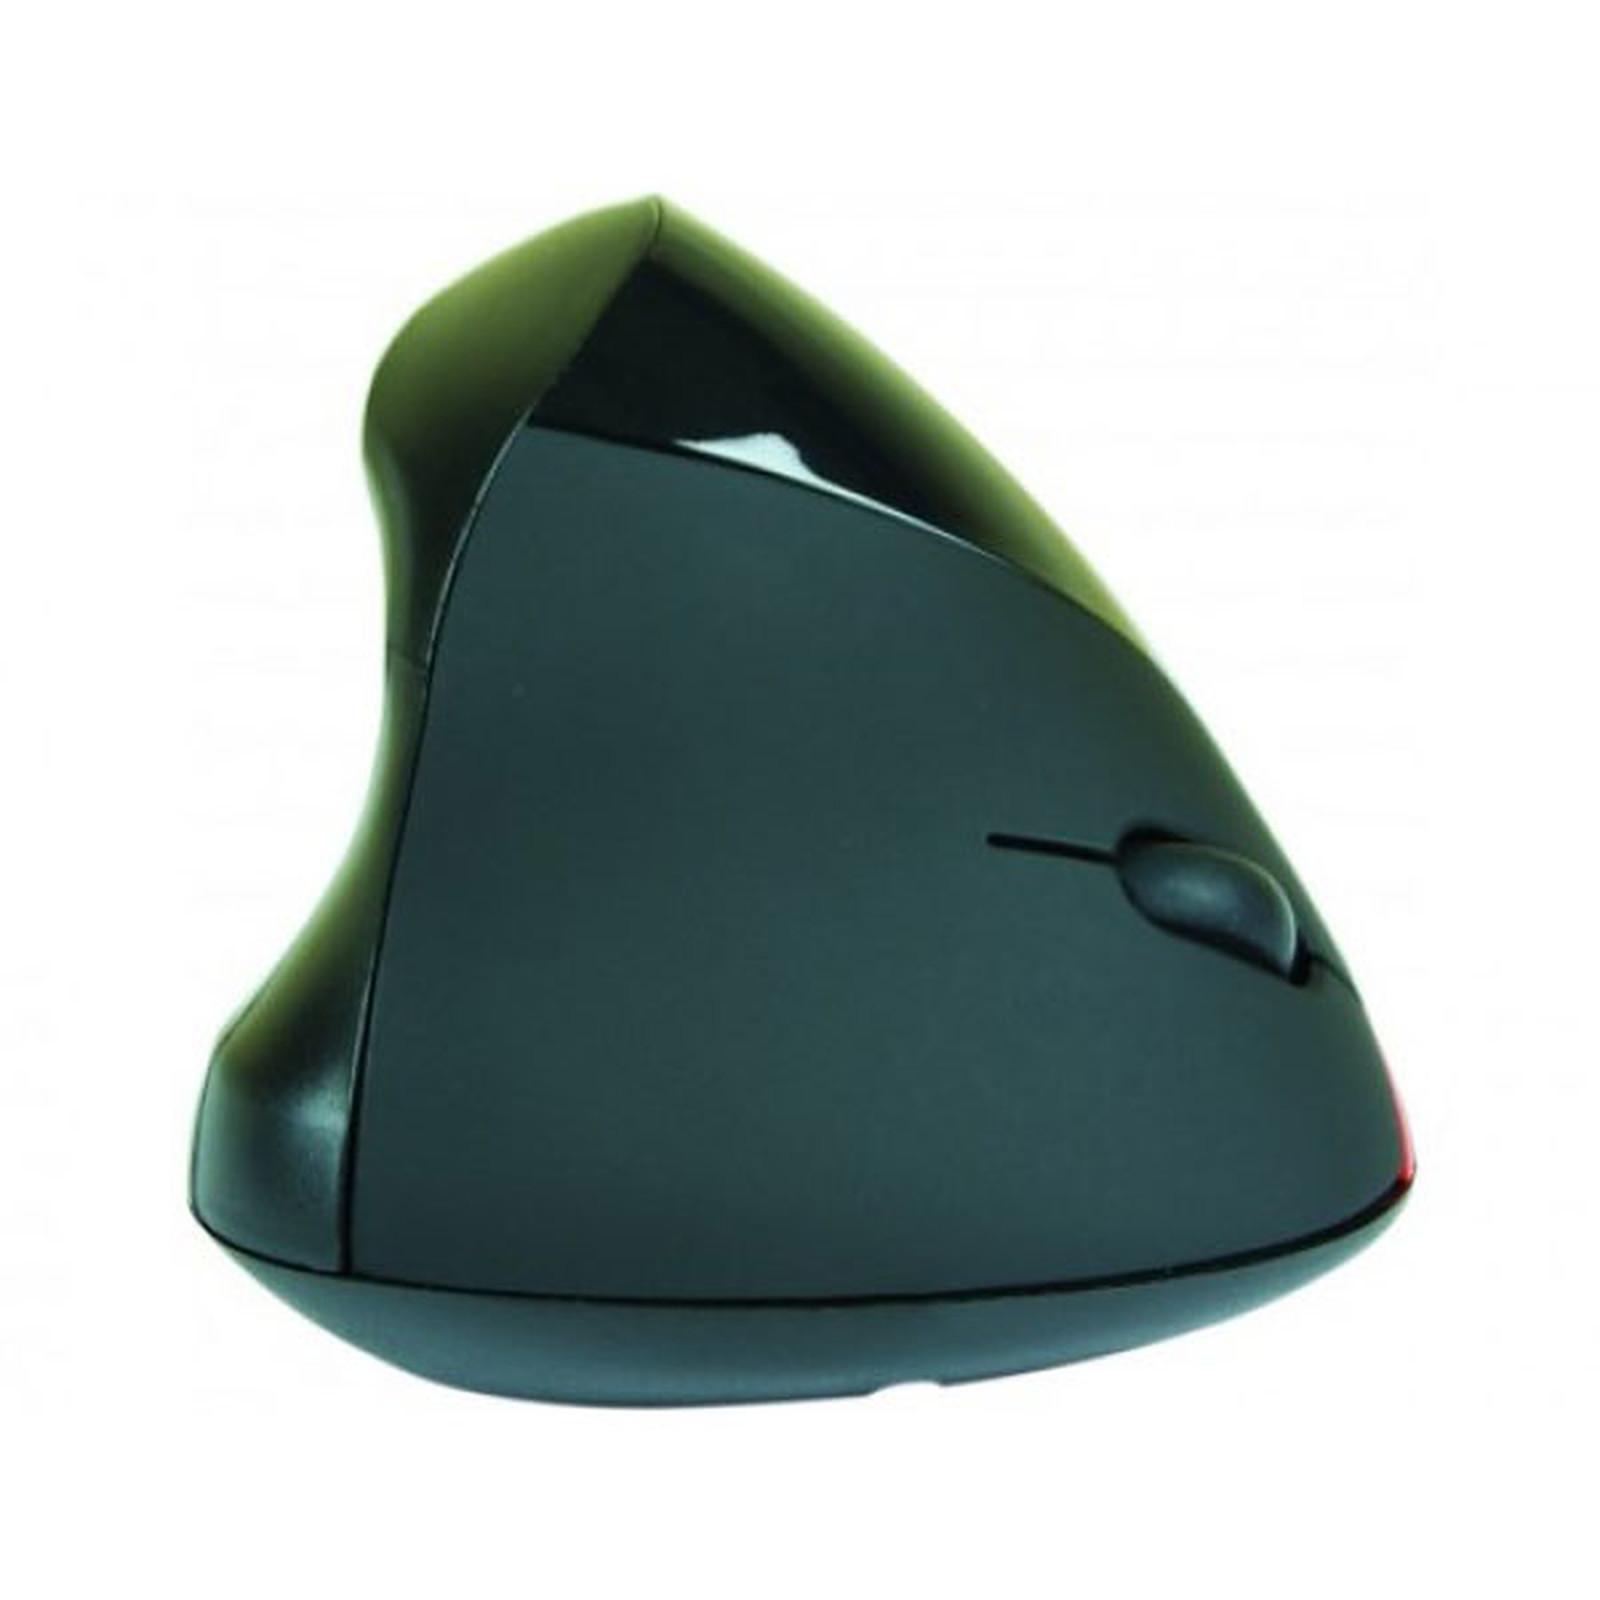 Souris filaire ergonomique verticale noire (USB)